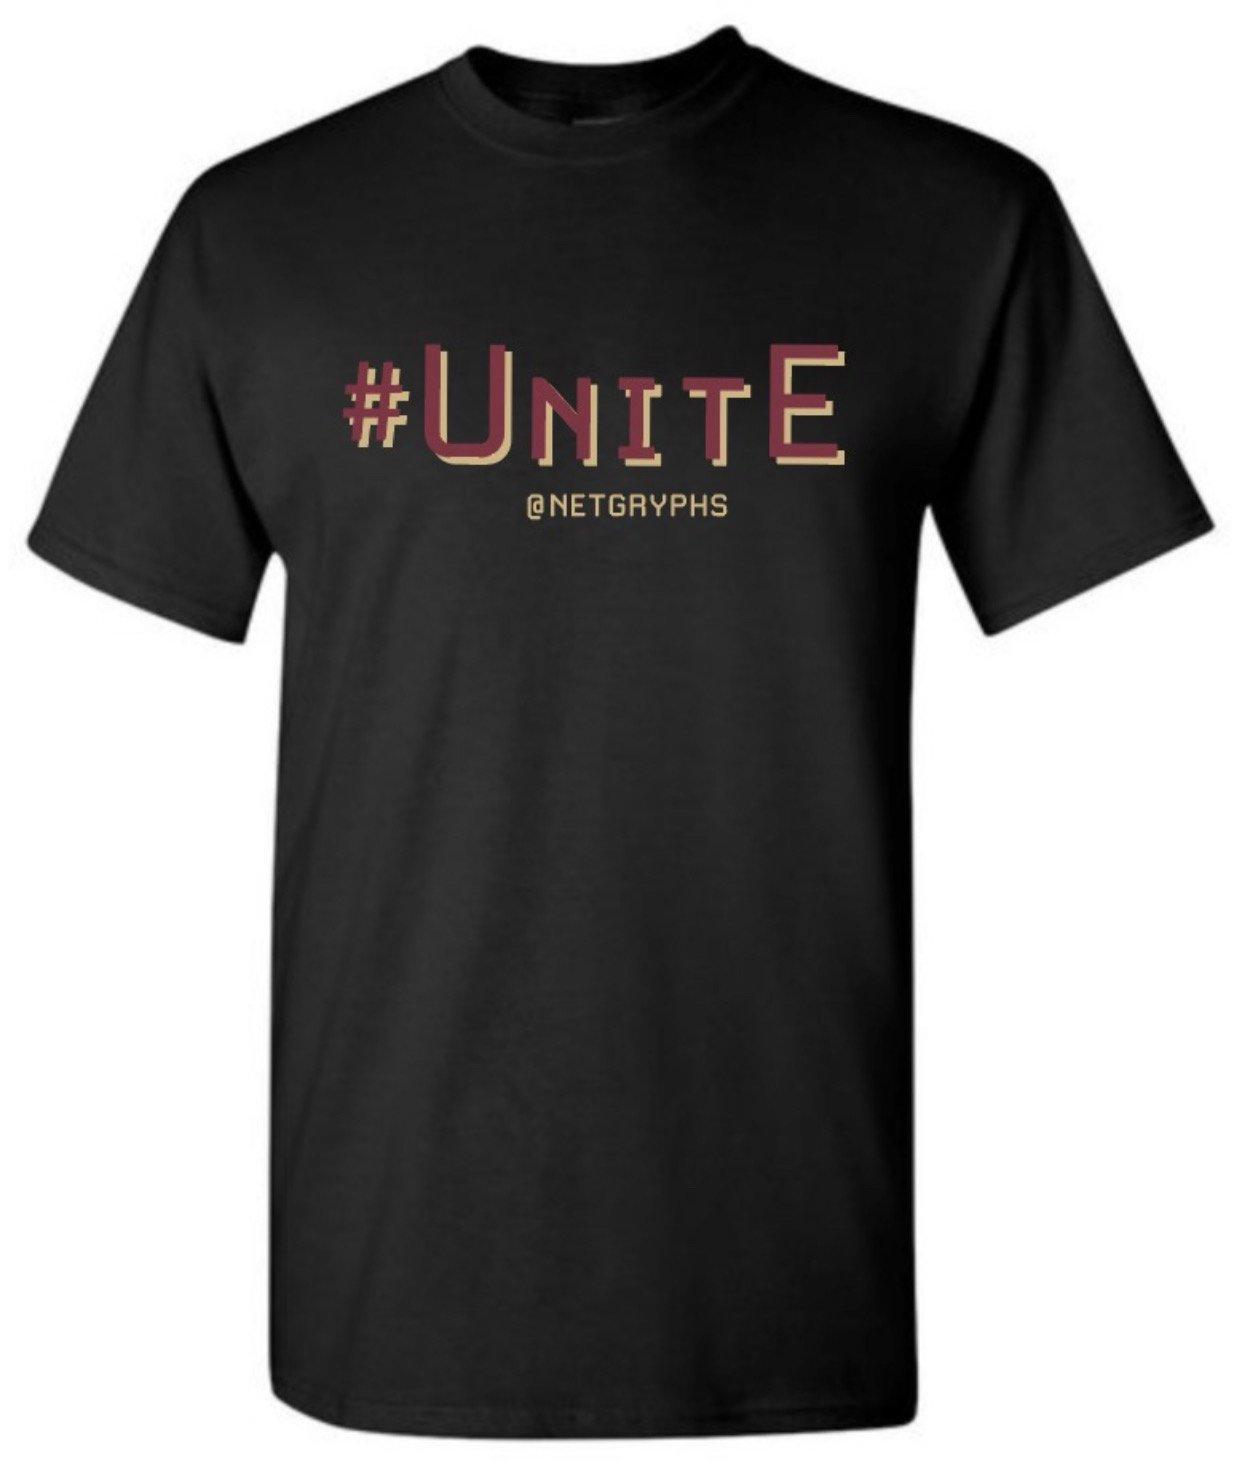 Image of #UNITE - SG Softstyle  Short Sleeve Tee Shirts (BLACK)